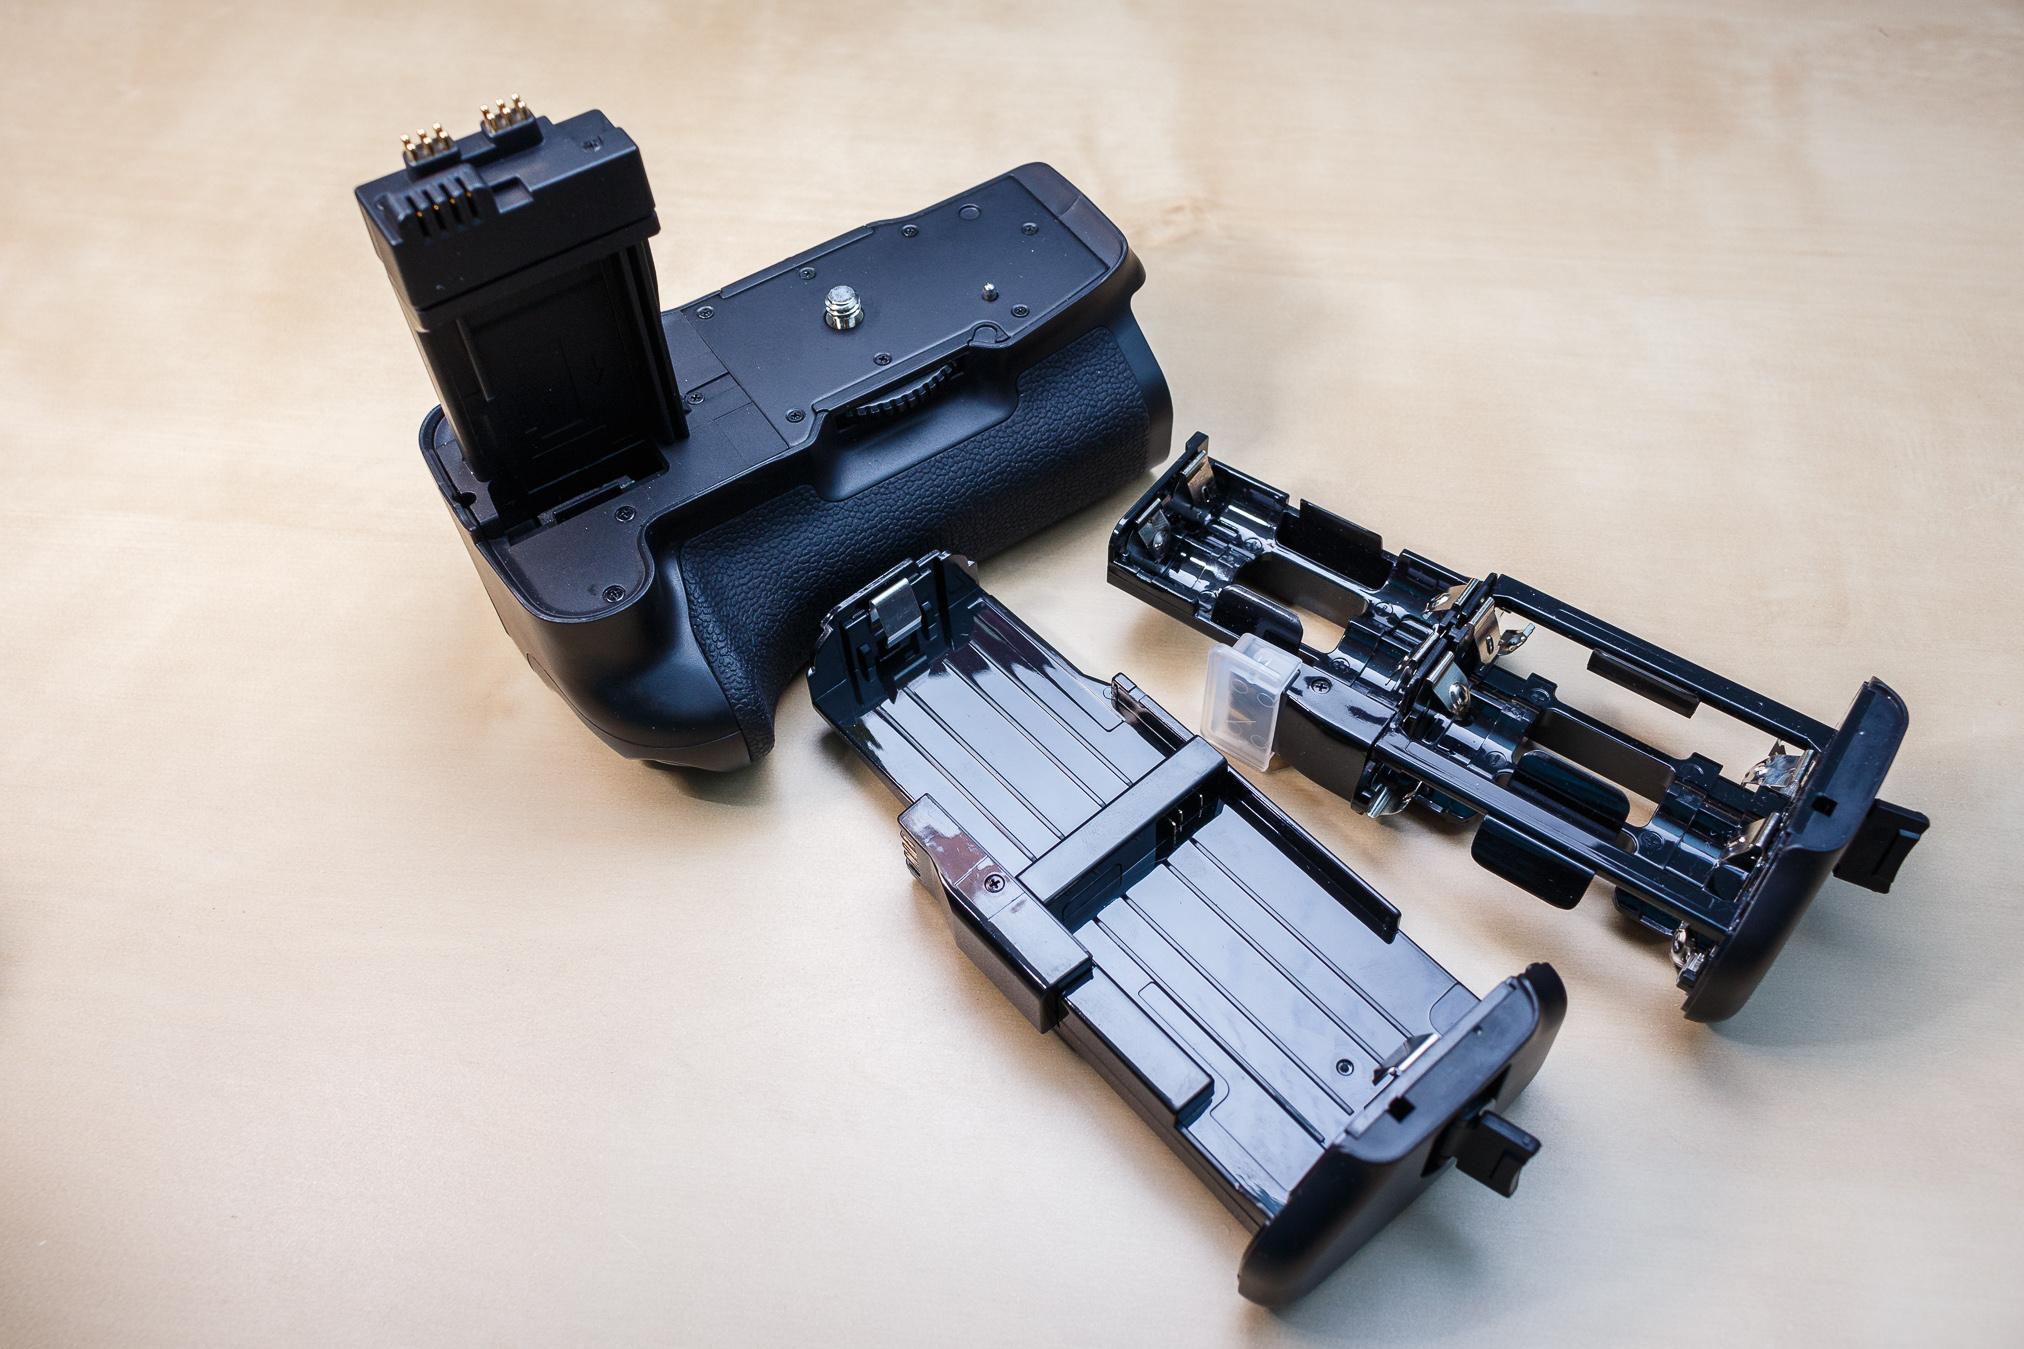 Batteriegriffe bieten die Möglichkeit, die Kamera mit normalen Batterien zu betreiben